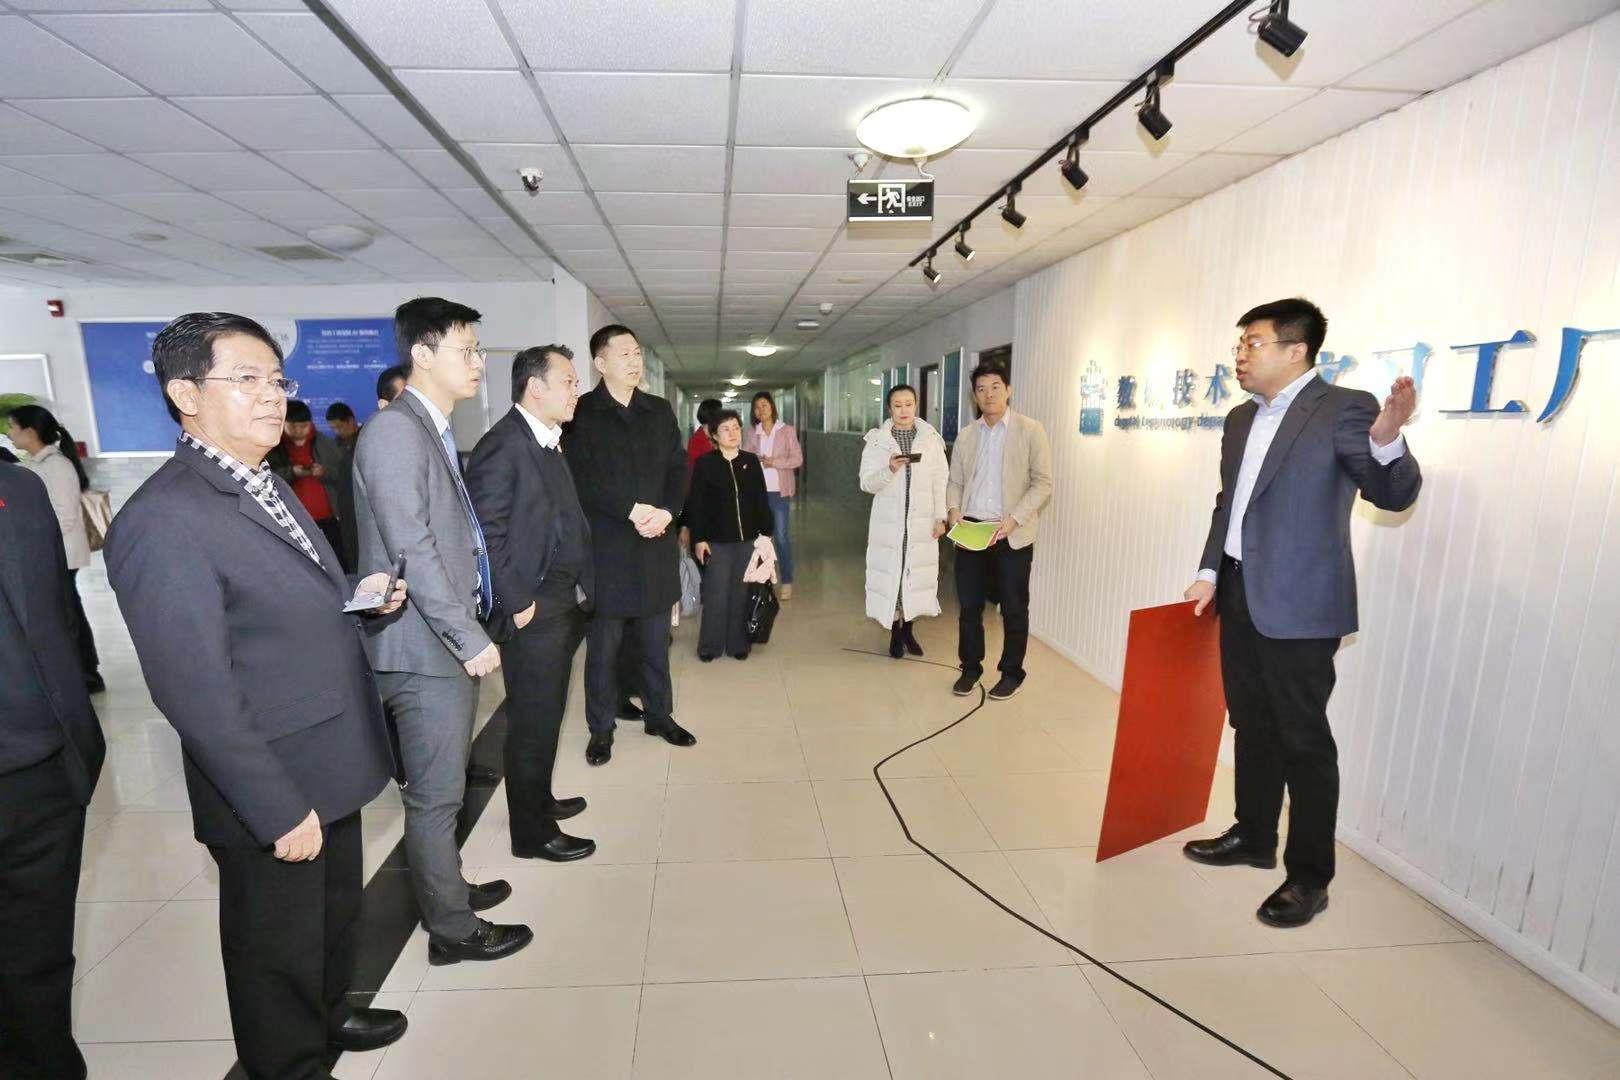 国际交流 | 泰国教育部官员一行参观玖智工场实训基地,玖富数科集团助力AI高质量人才培养